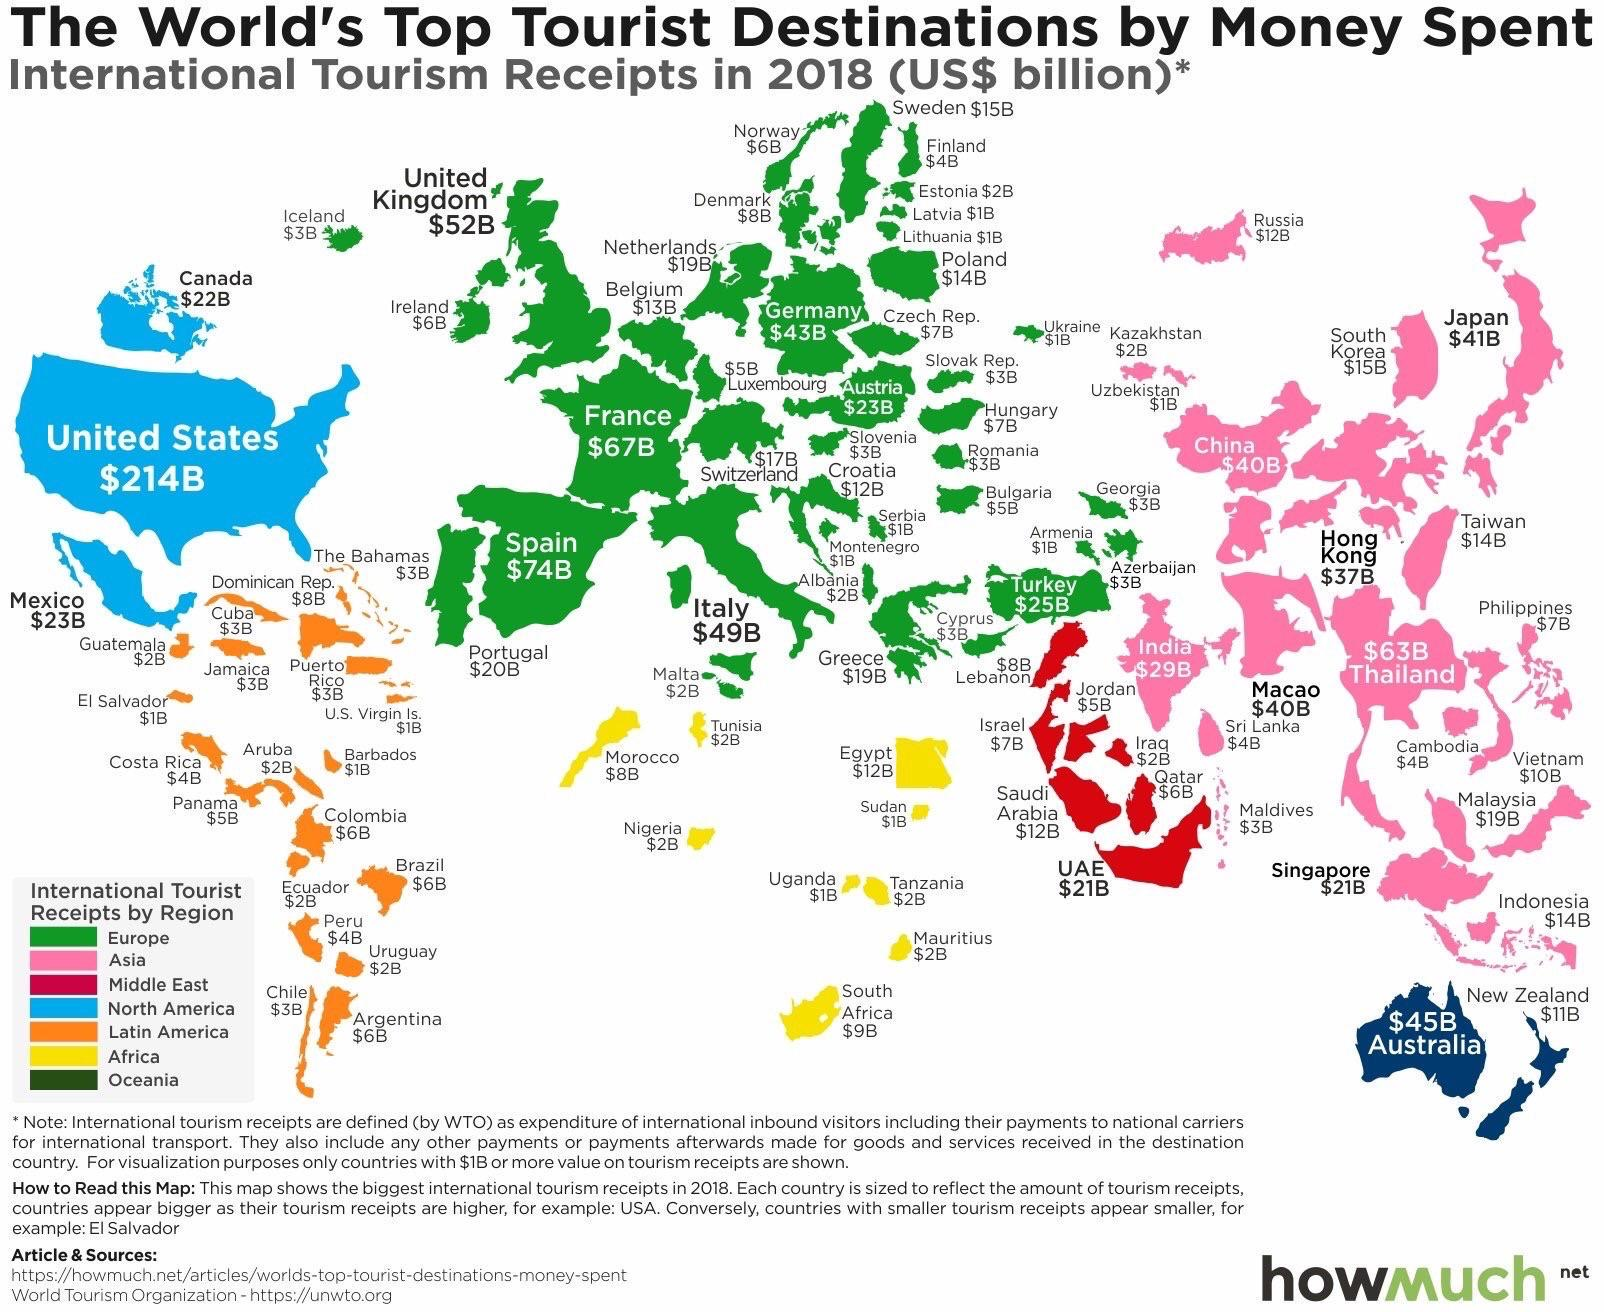 countries and their tourism incom